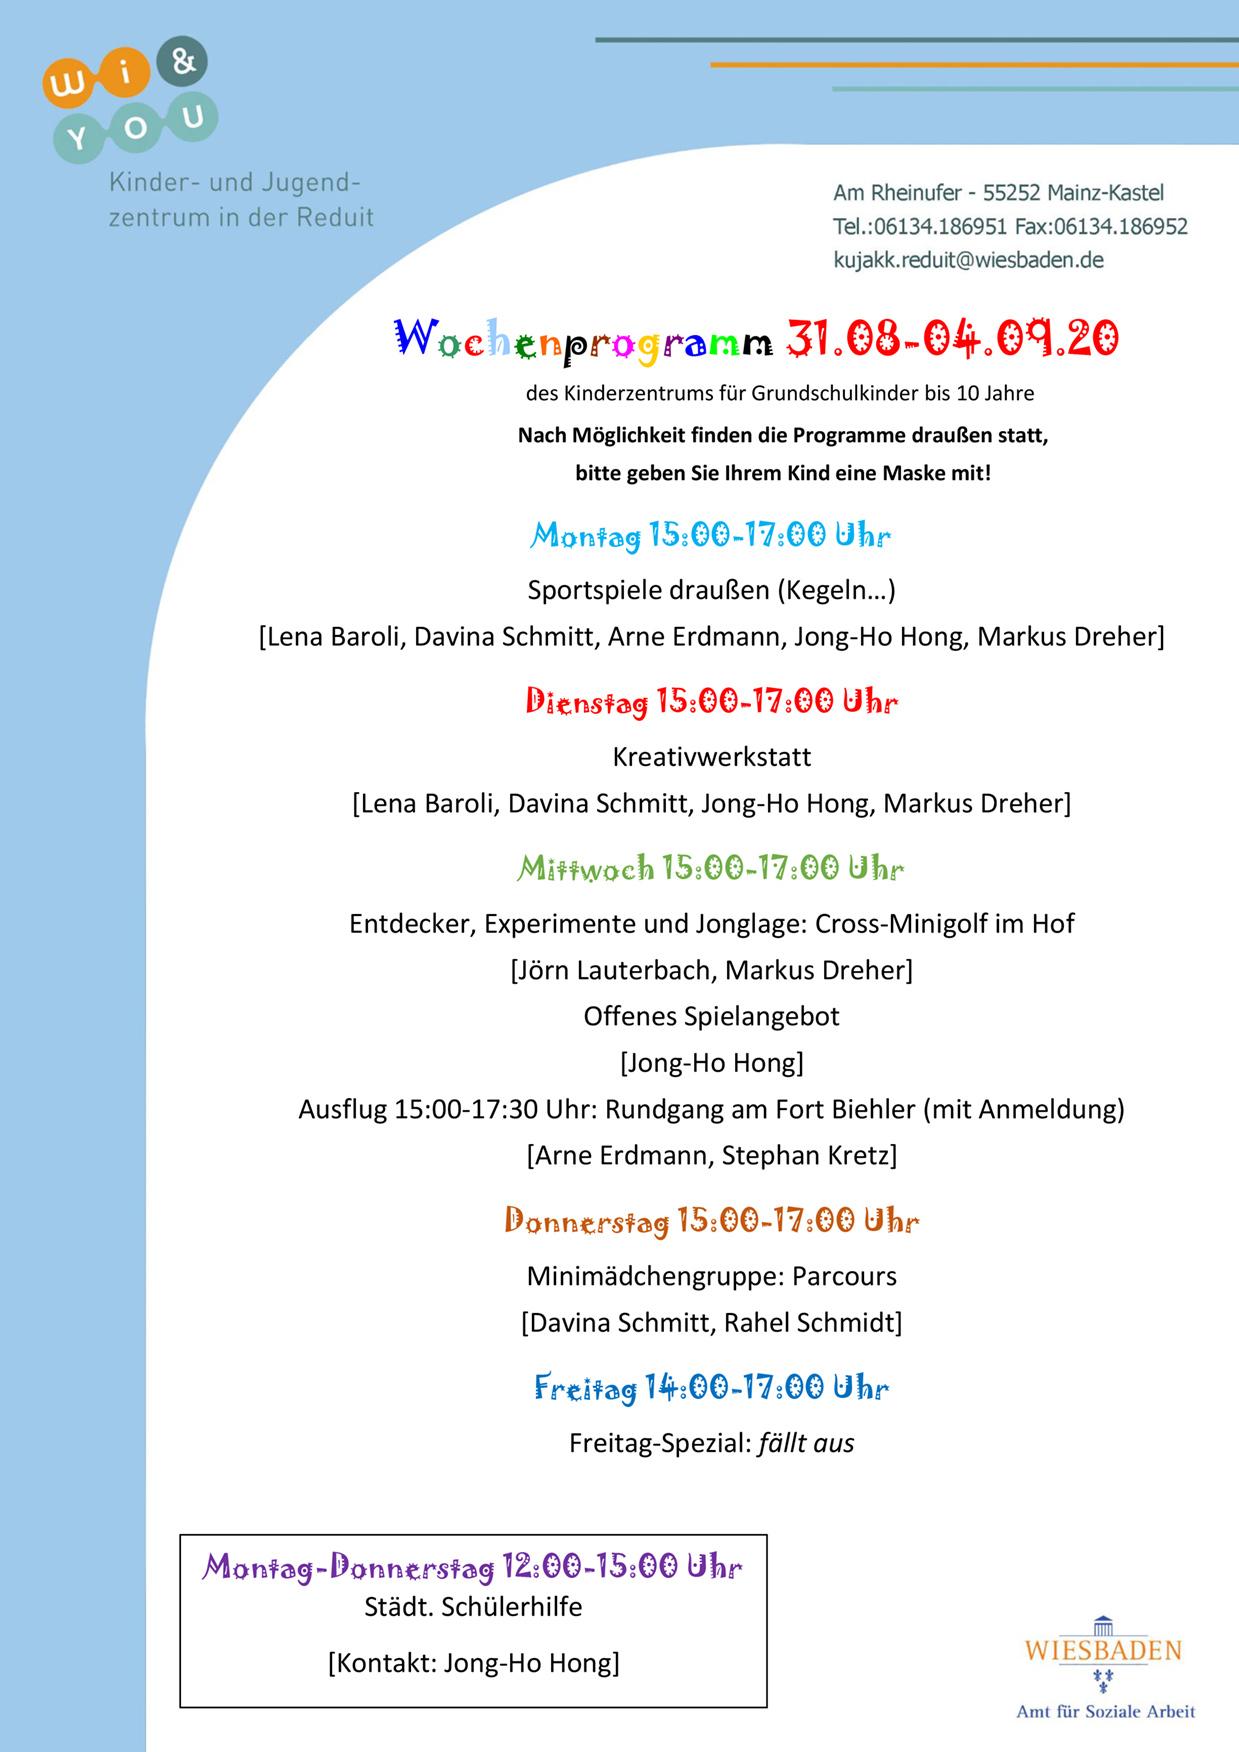 Wochenprogramm vom 24. bis 28. August 2020 des Kinderzentrums für Grundschulkinder bis 10 Jahre . kujakk . Kinder- und Jugendzentrum in der Reduit . Mainz-Kastel